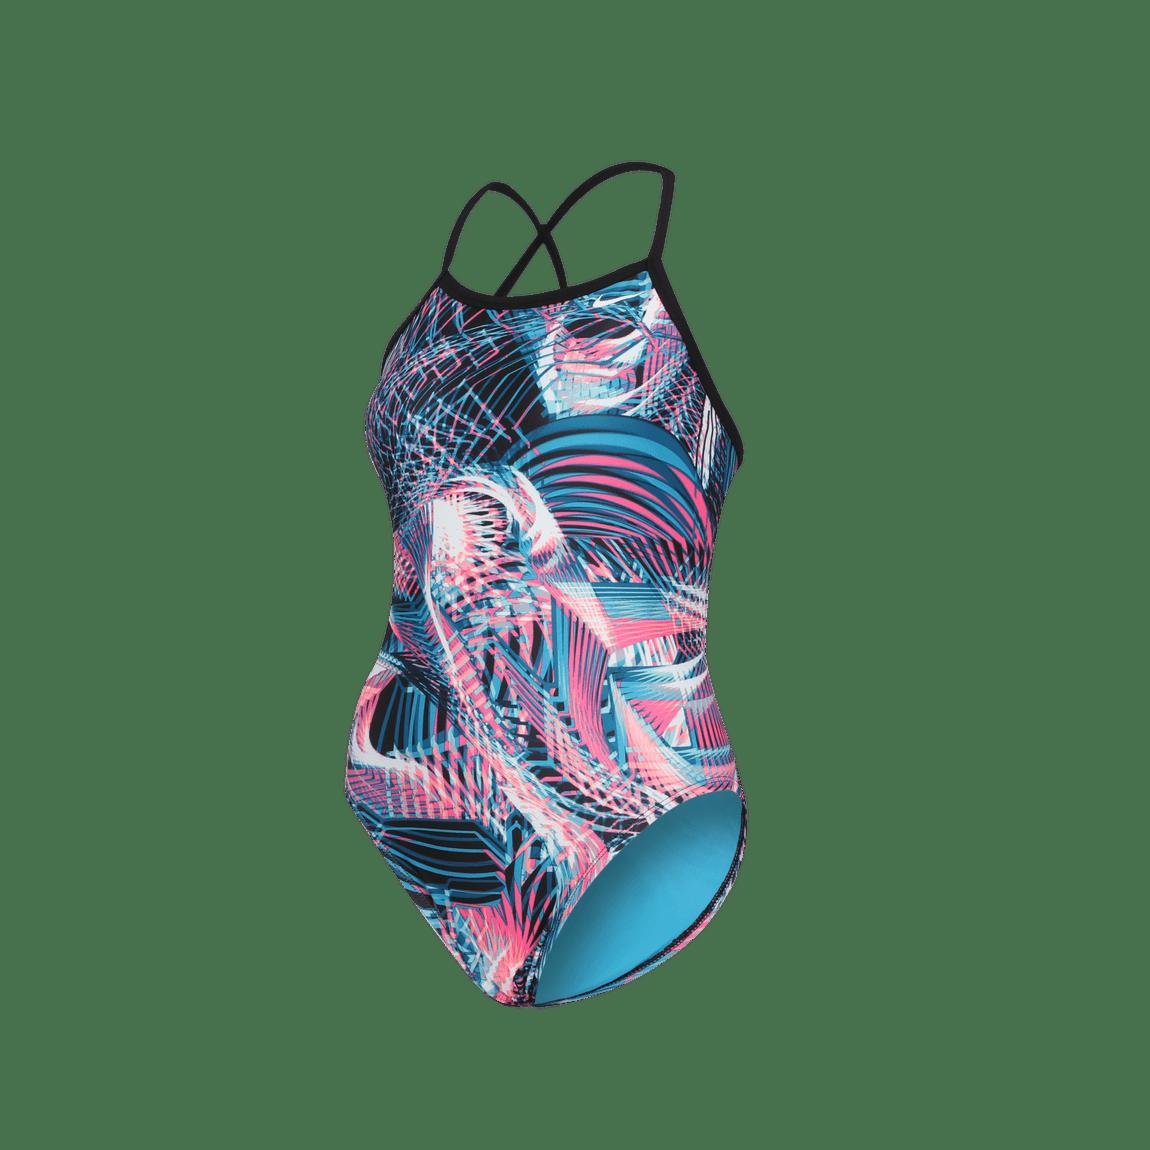 503860c31a58 Traje de Baño Nike Natación Crossback Mujer - martimx| Martí ...